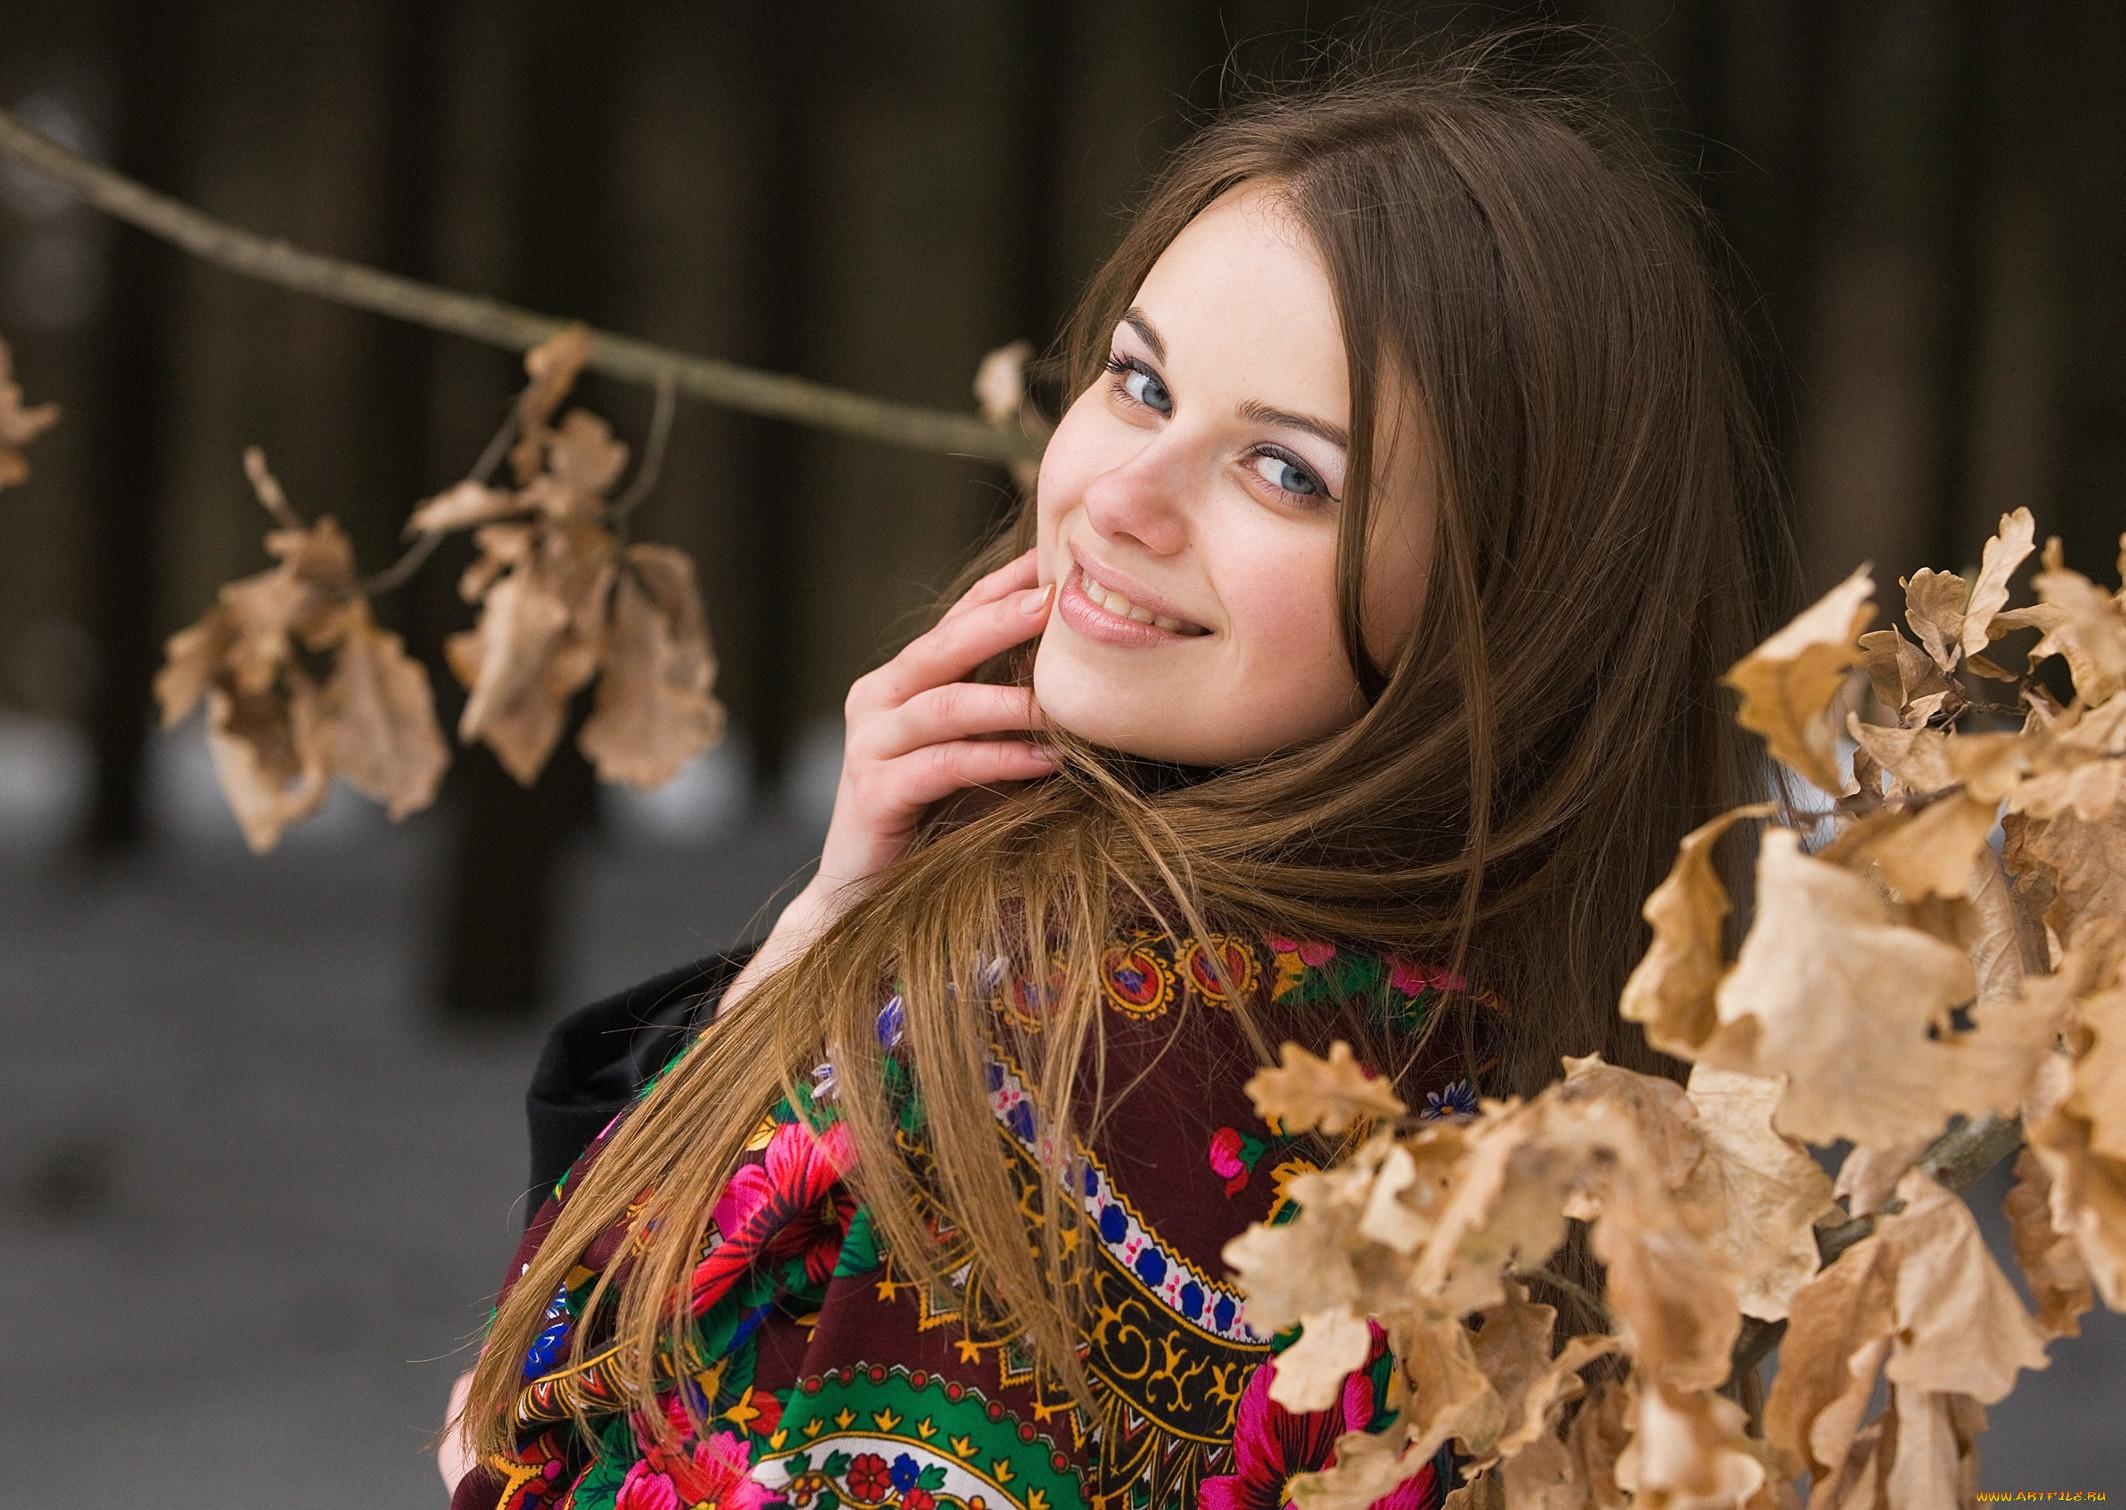 Самая красивая русская девушка фото